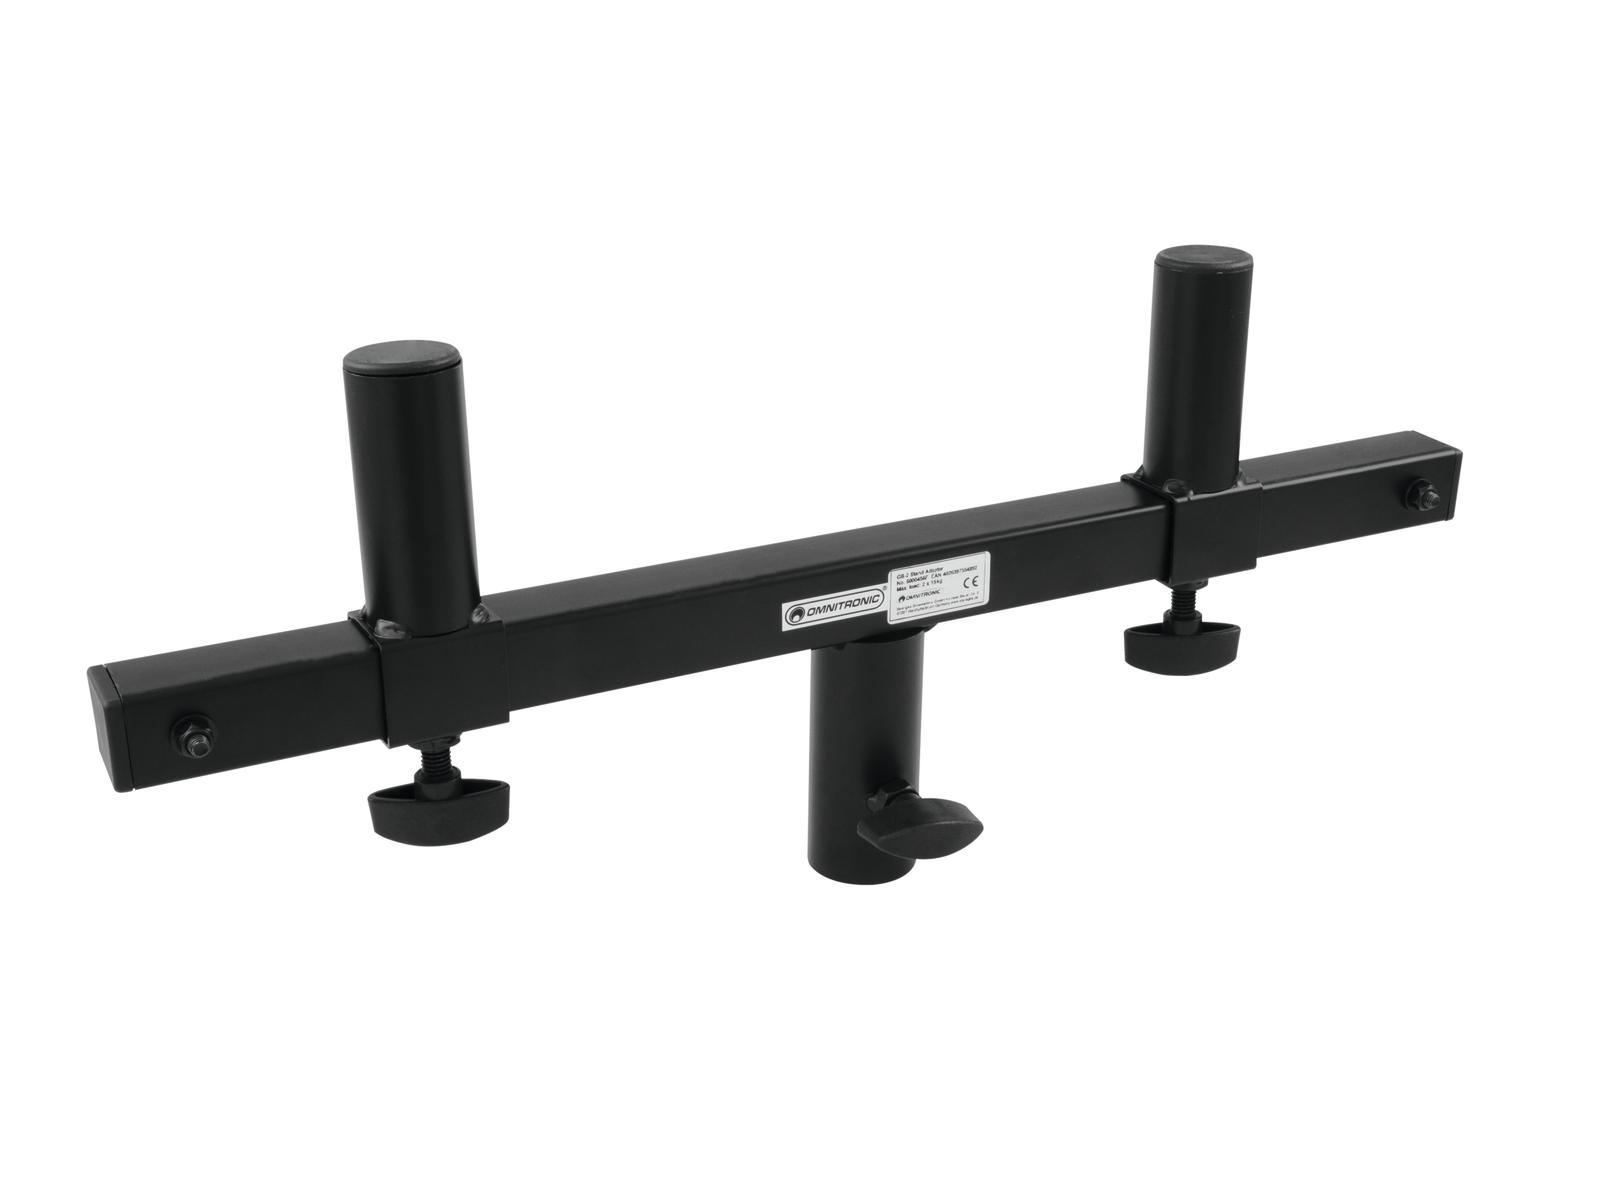 Adattatore per due casse Supporto stativo Distanza regolabile 310-450 mm GB-2